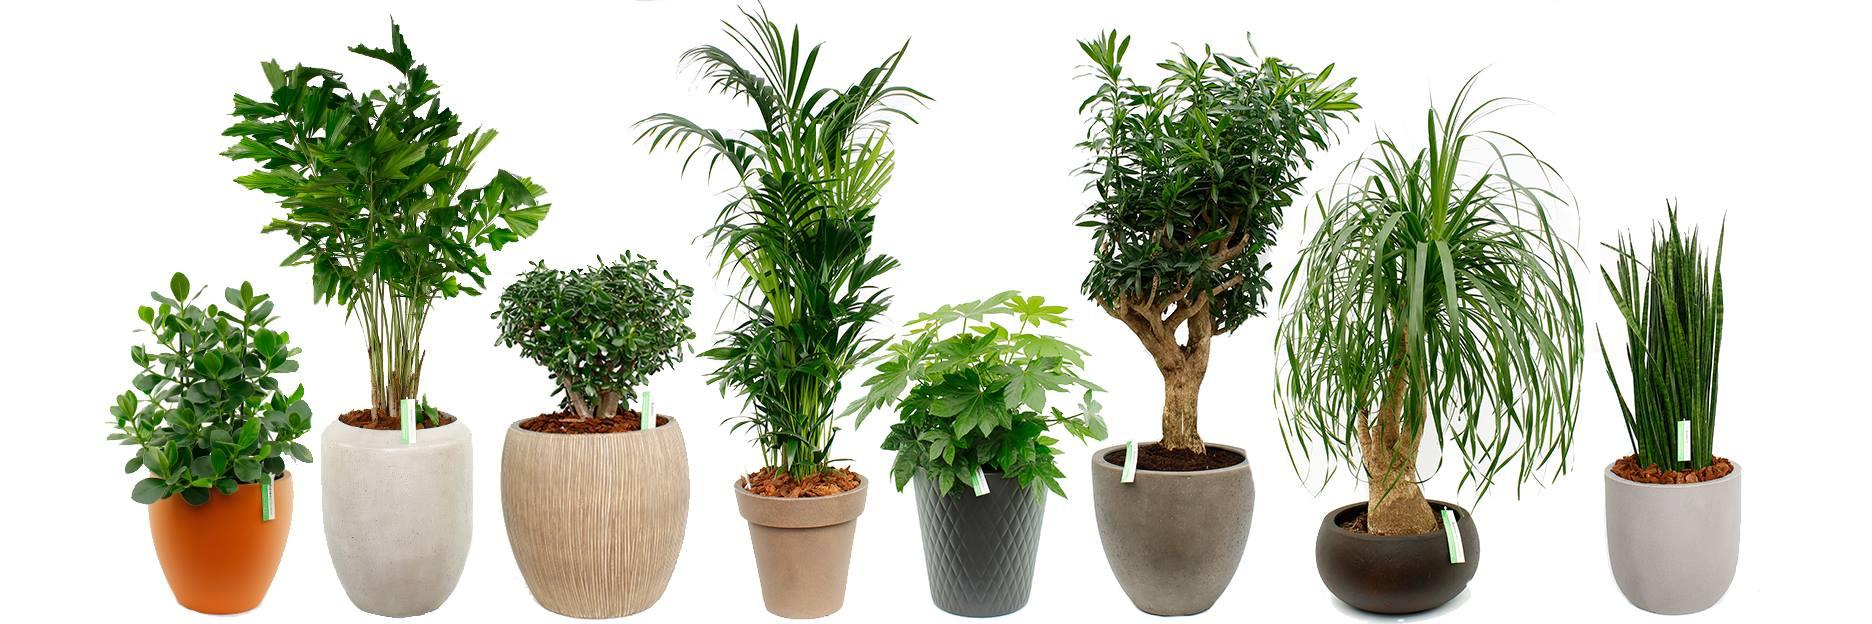 een rij met kamerplanten naast elkaar